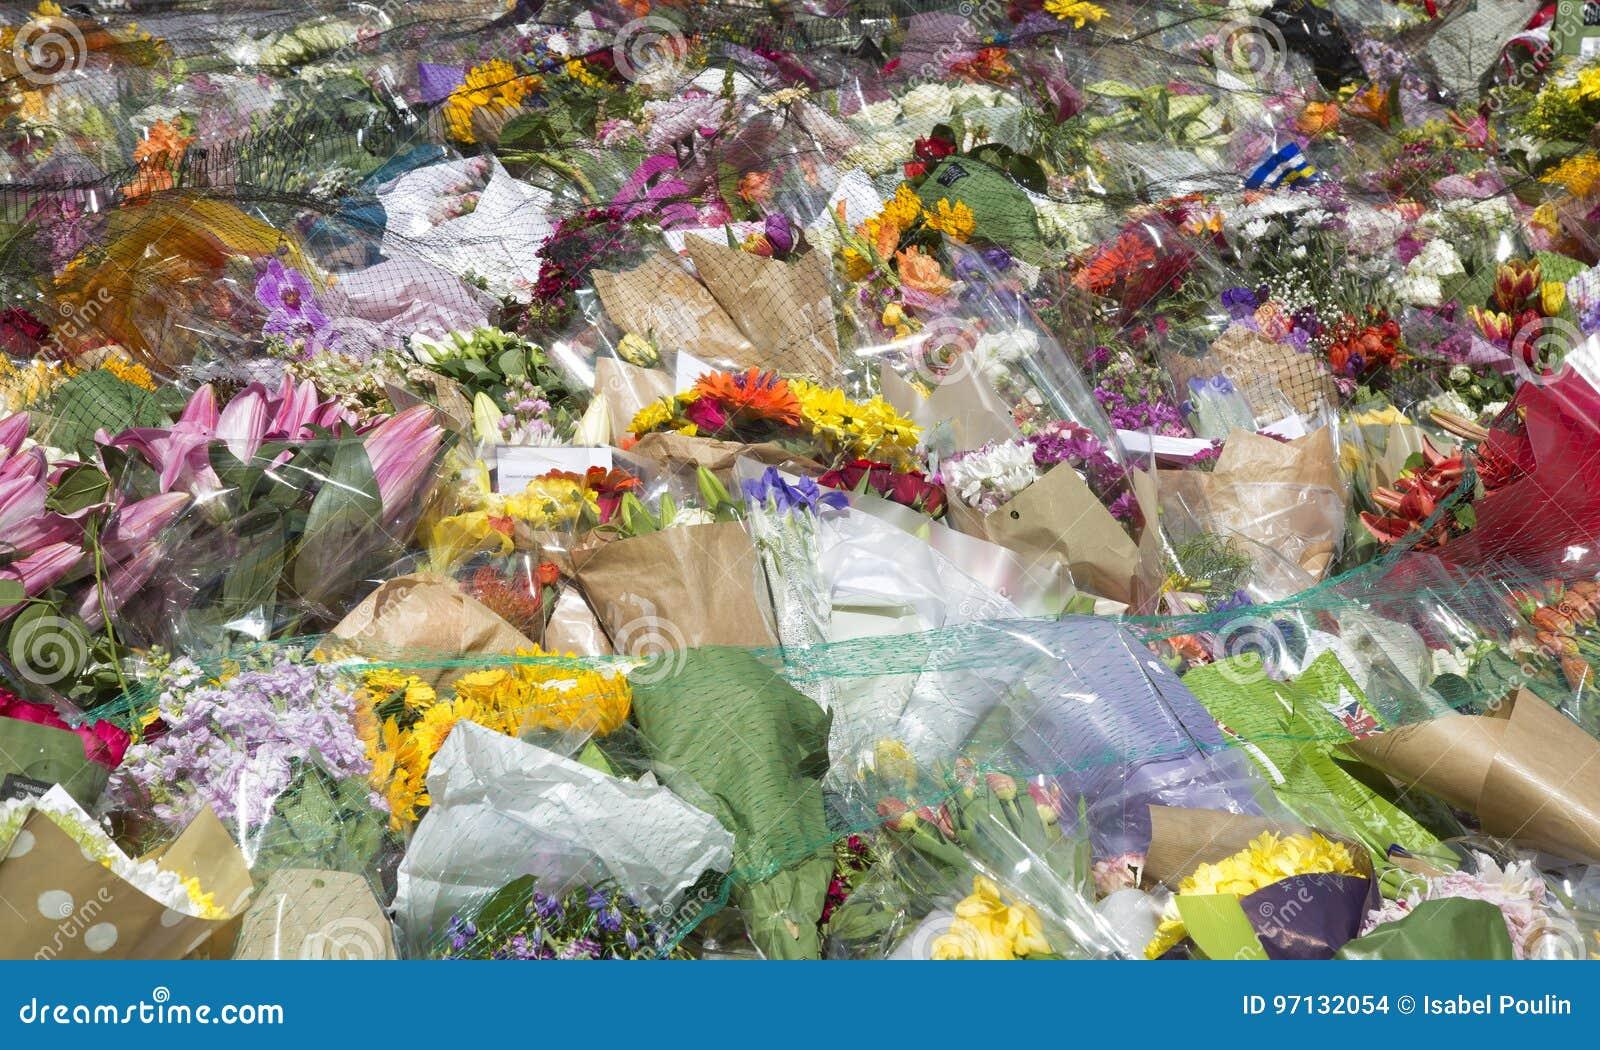 Fleurs dans les souvenirs à une attaque terroriste à Londres